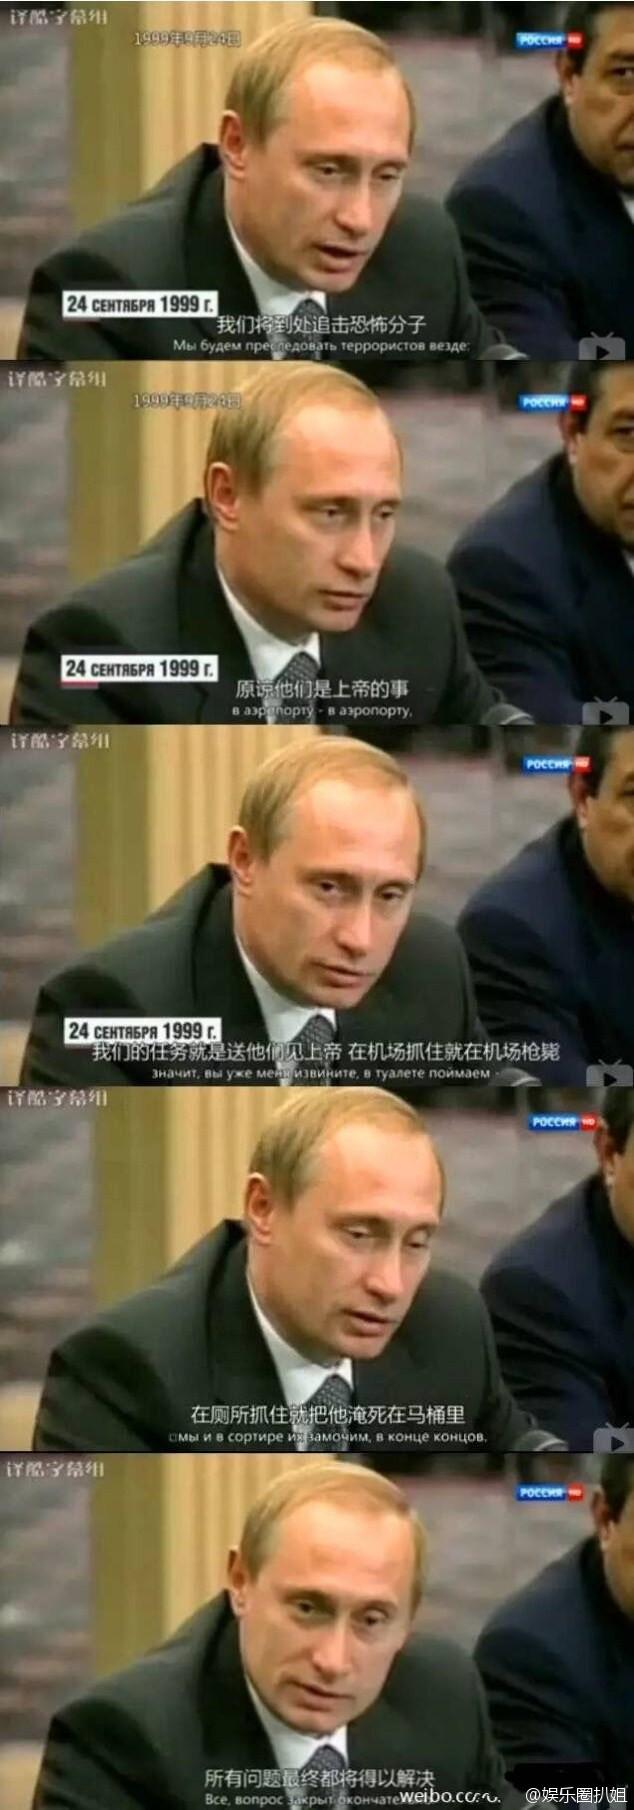 硬汉就是霸气!普京对付恐怖分子的经典言论走红网络(图)_图1-2